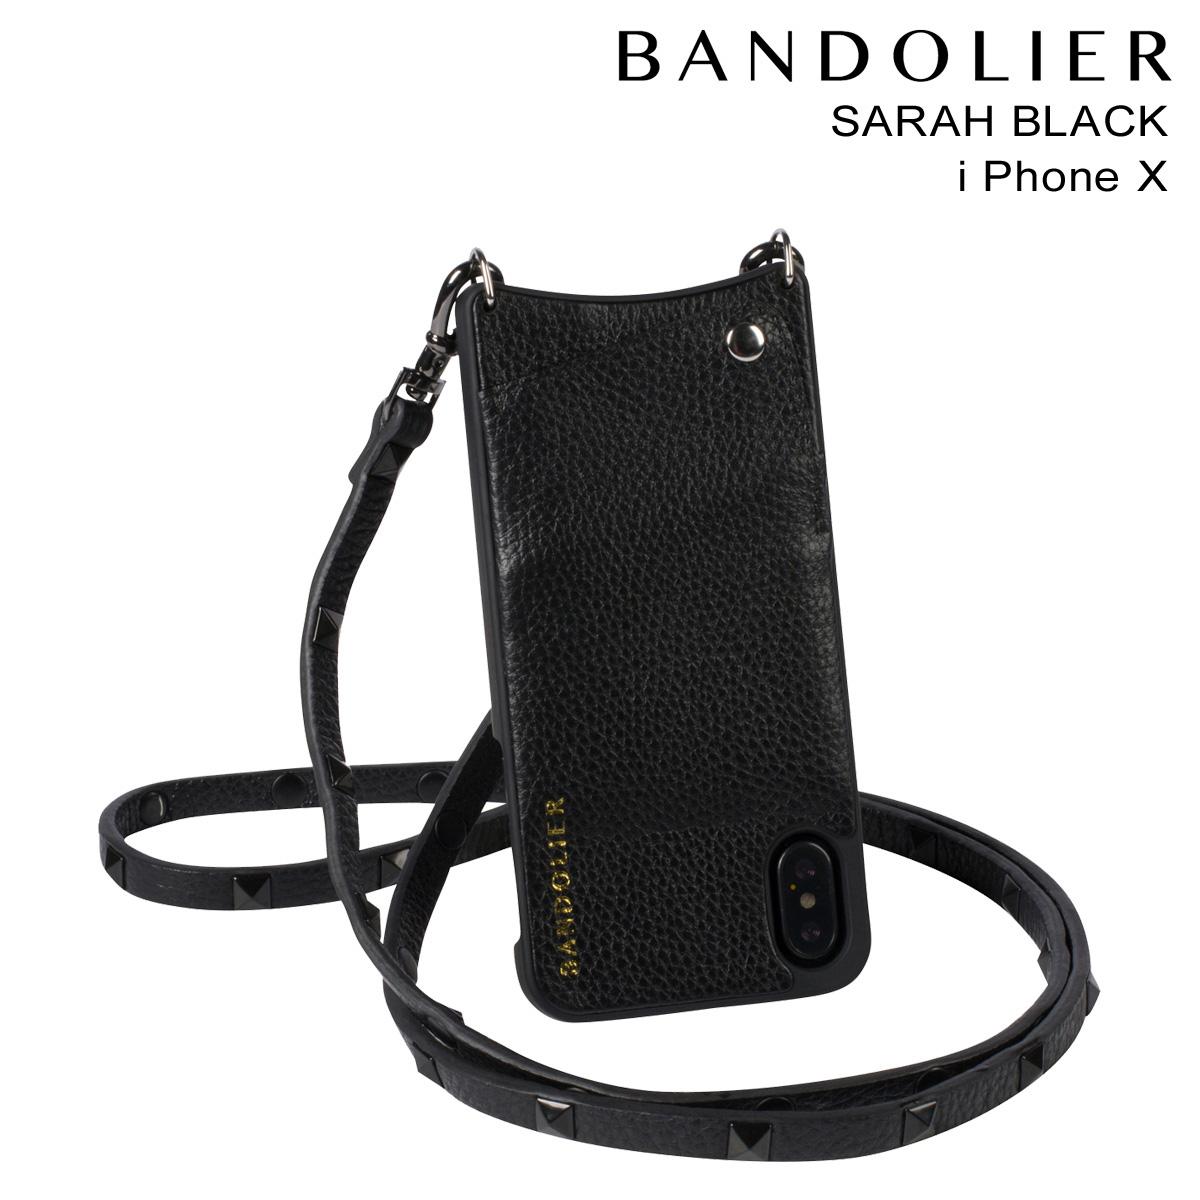 【最大2000円OFFクーポン配布】 BANDOLIER バンドリヤー iPhoneX ケース スマホ アイフォン SARAH BLACK レザー メンズ レディース [9/14 追加入荷]